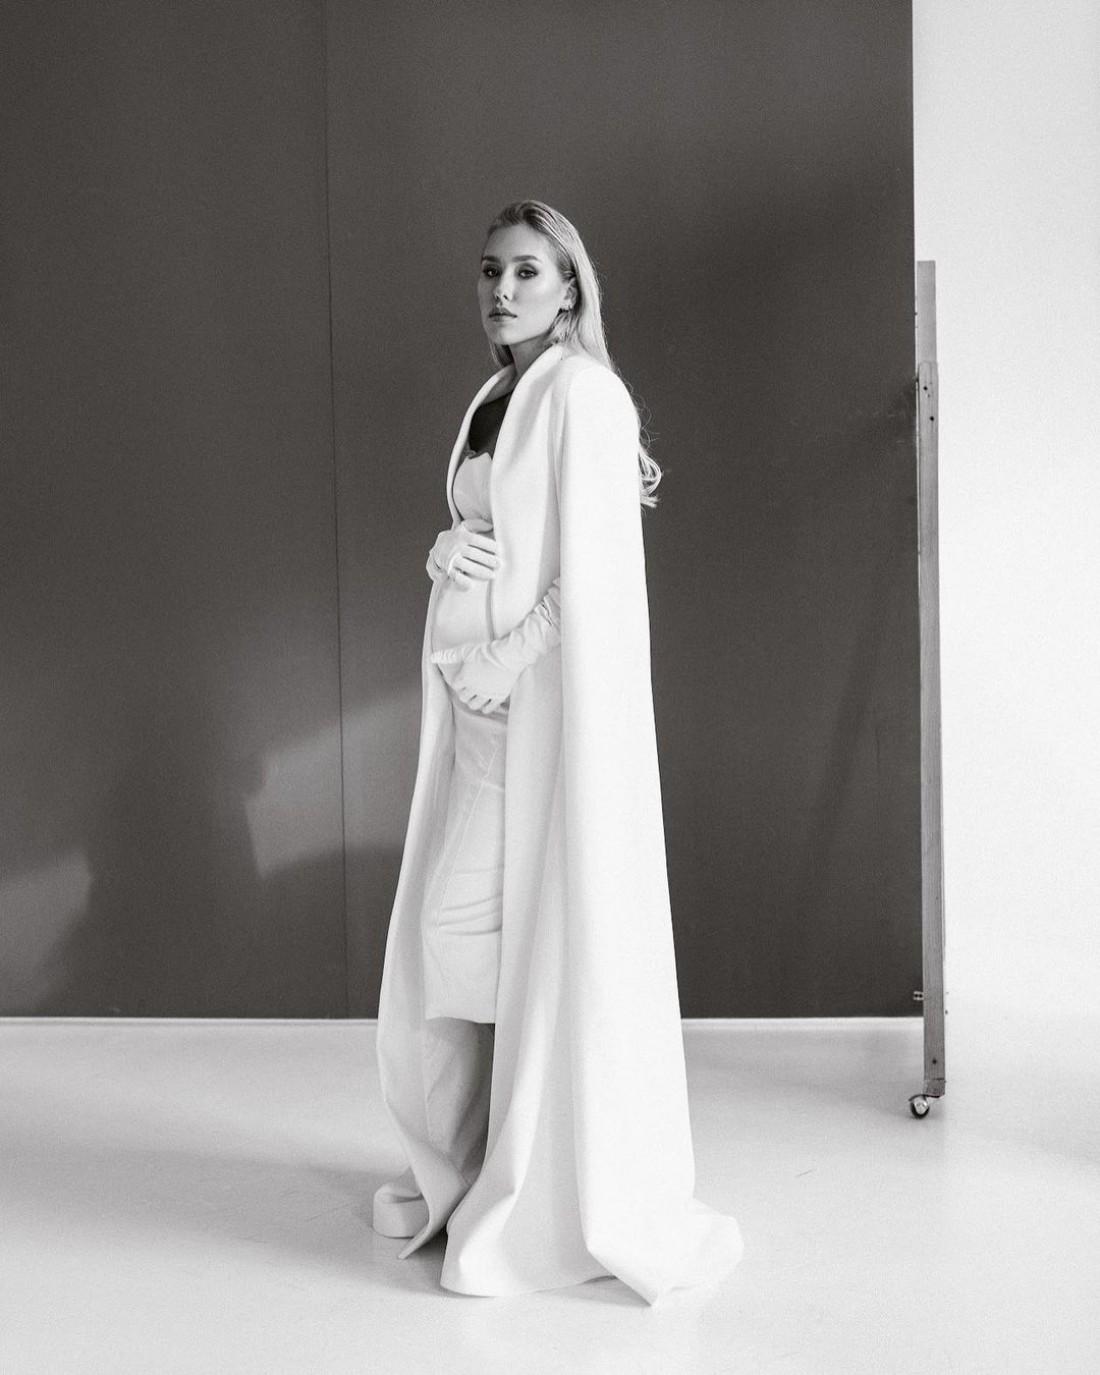 Беременная Даша Квиткова снялась в элегантном образе